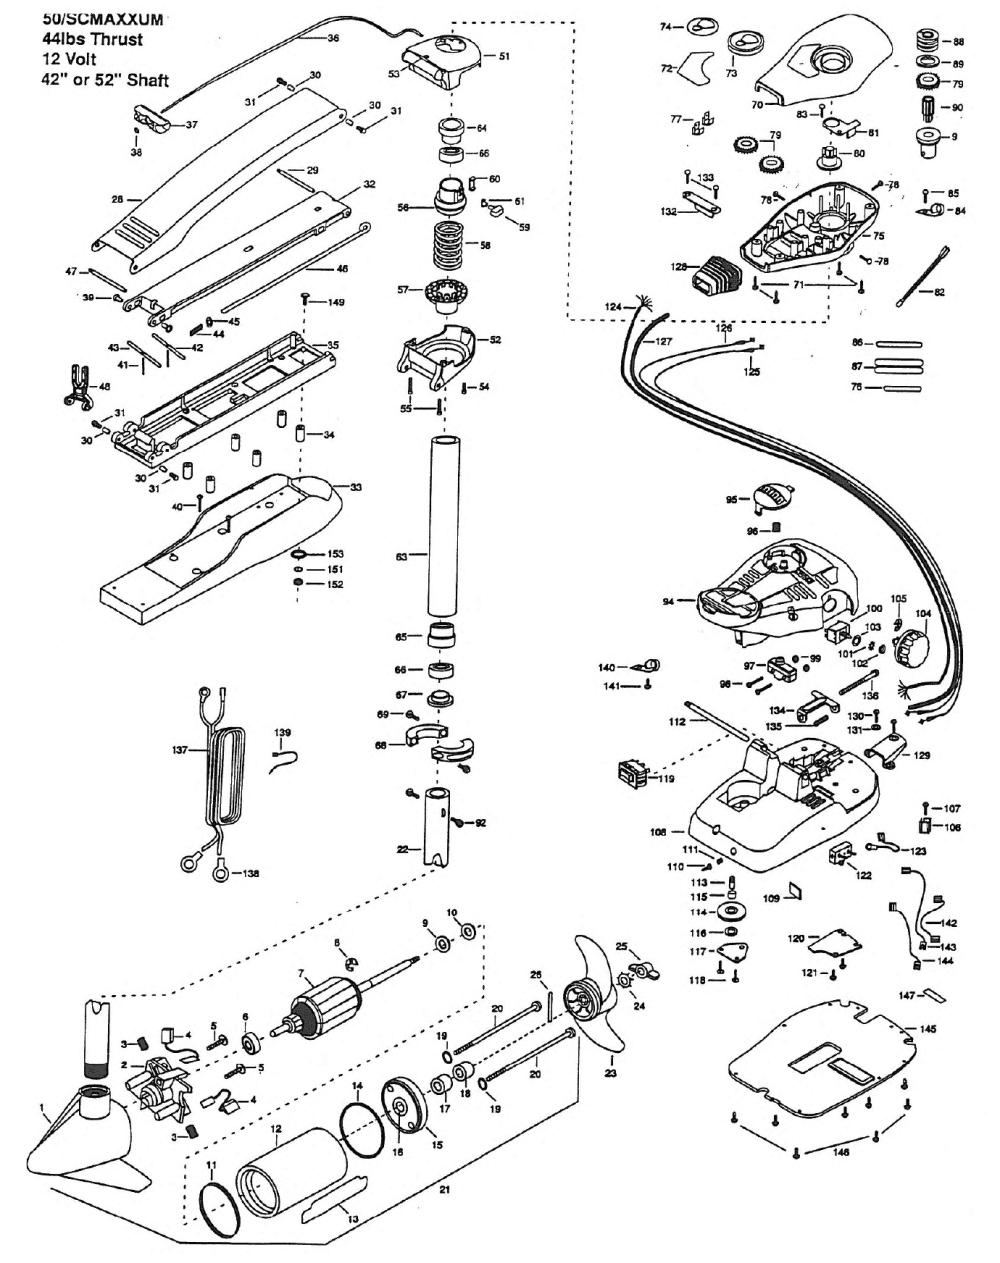 medium resolution of minn kota maxxum 24v wiring diagram wiring diagram third level minn kota parts online minn kota maxxum 74 wiring diagram